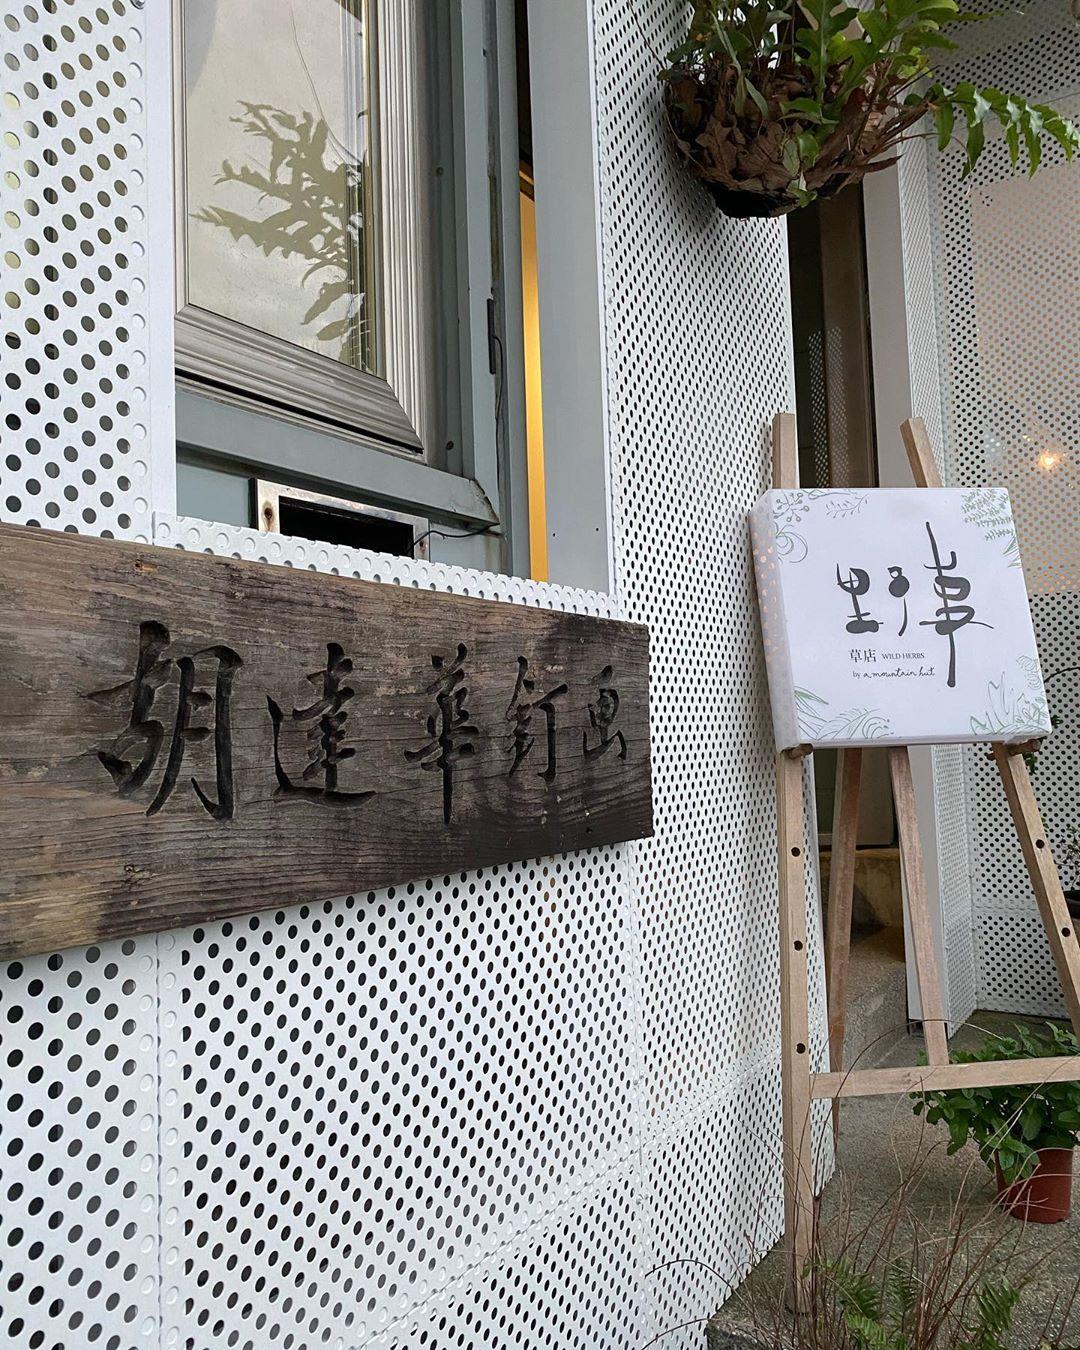 九份咖啡廳 野事草店 胡達華釘畫